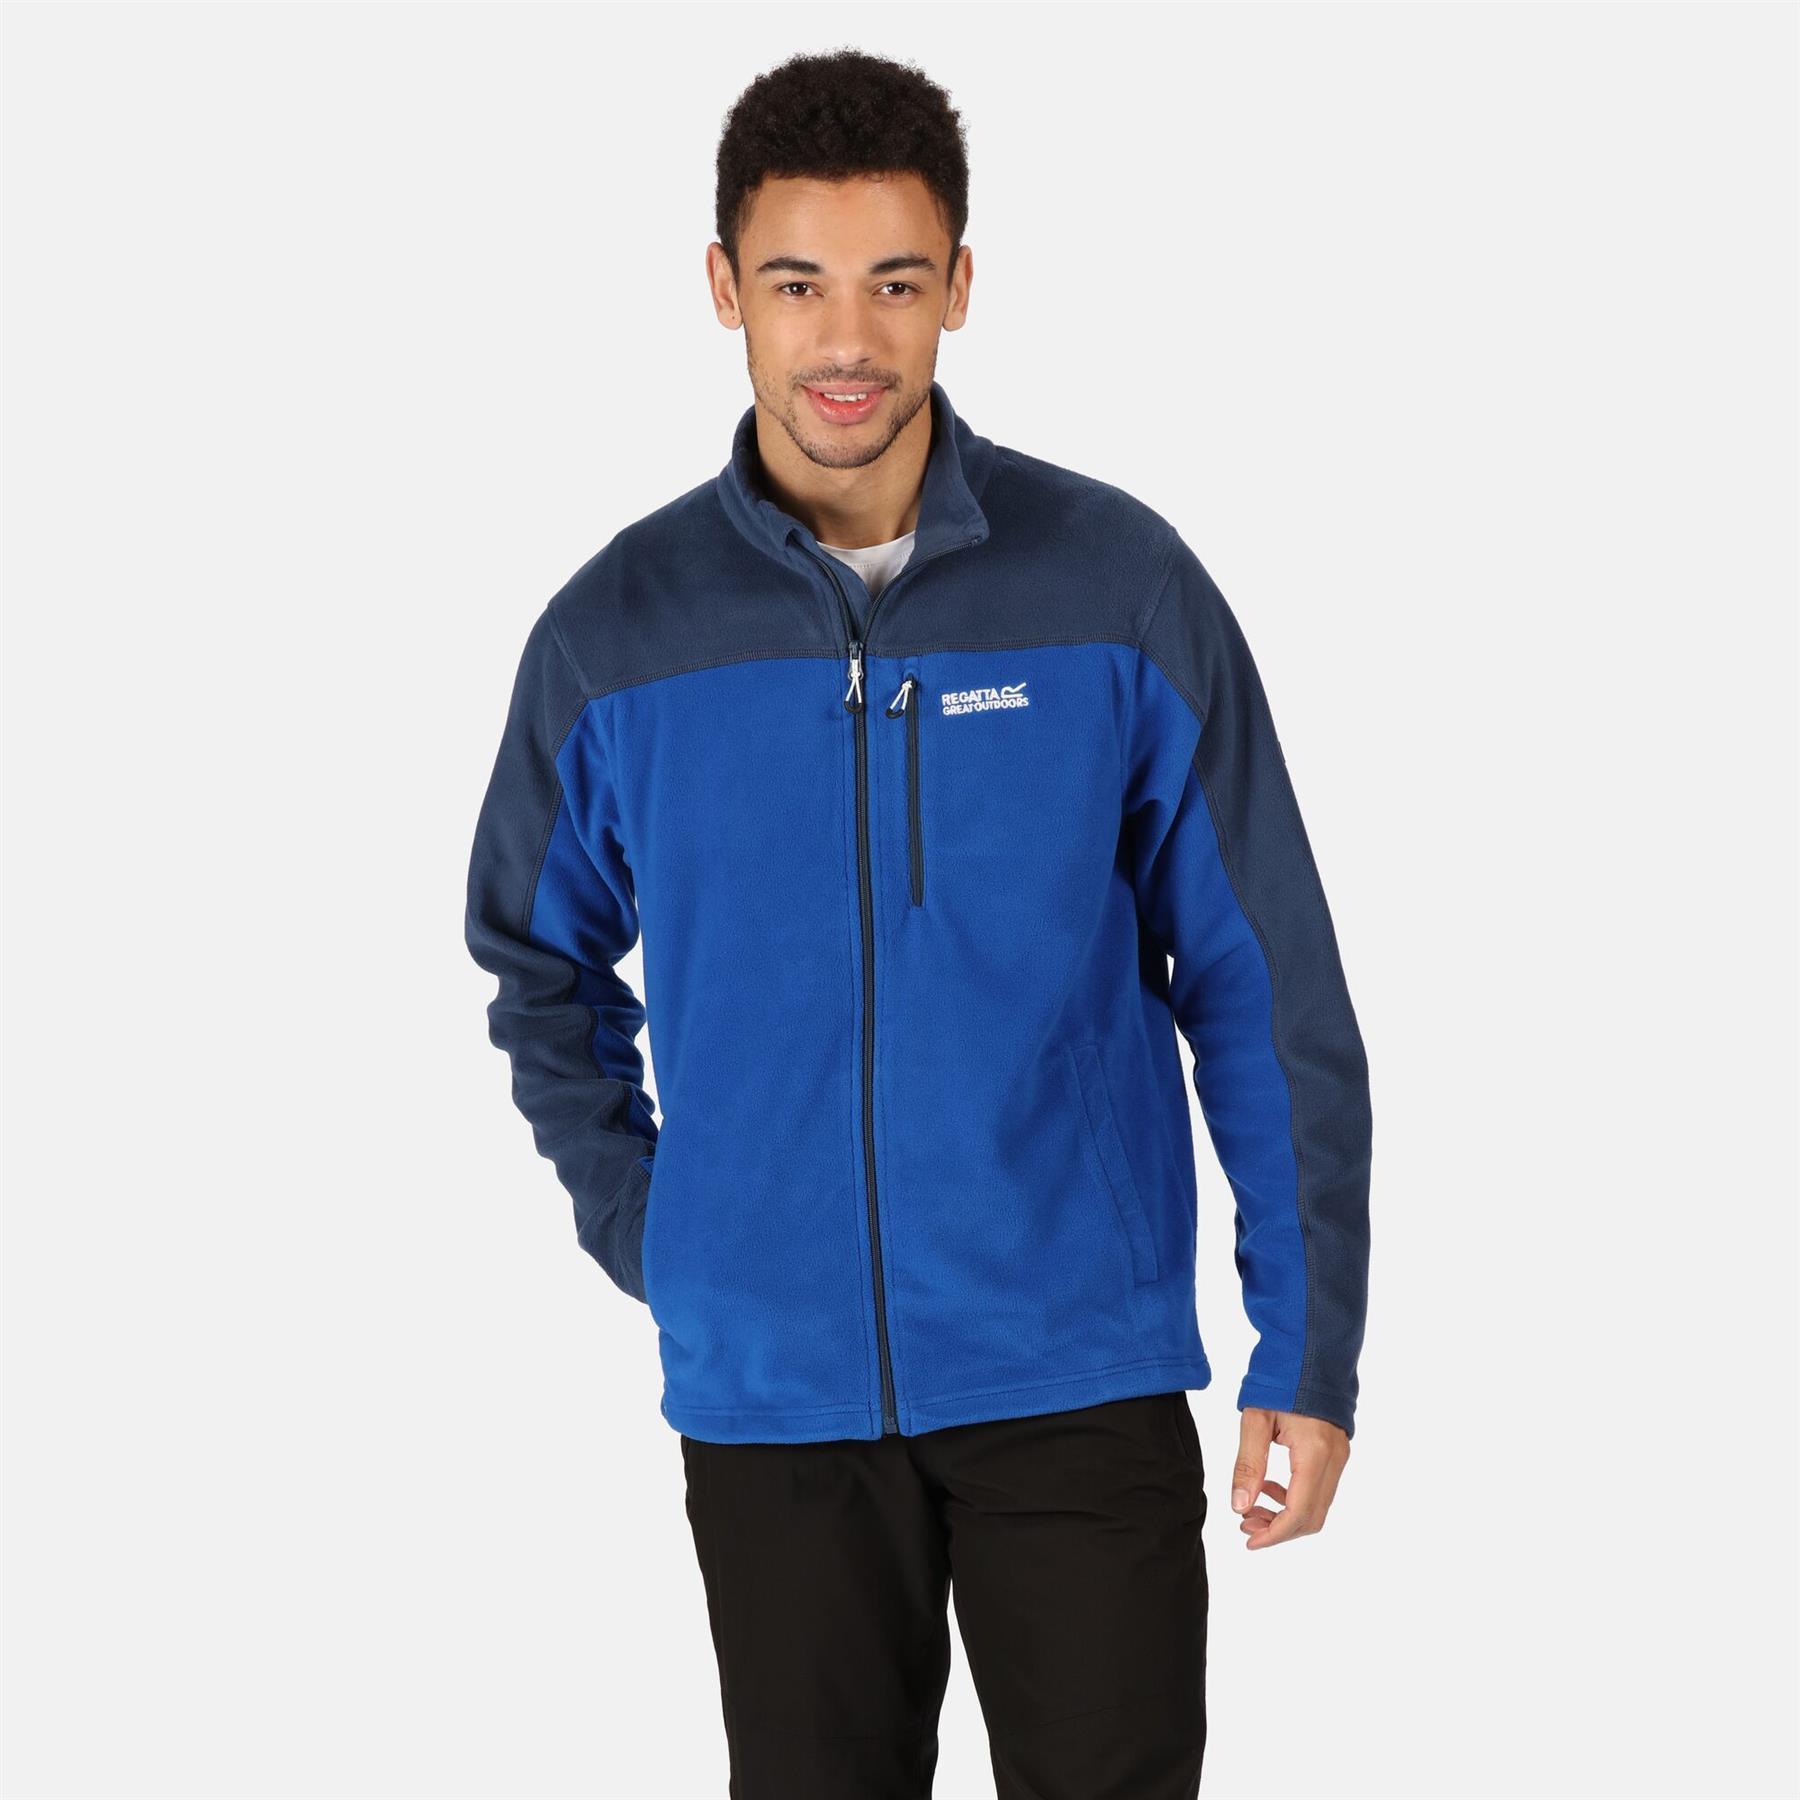 miniatuur 5 - Regatta Mens Fellard Fleece Jacket Full Zip Up Coat S M L XL 2XL 3XL 4XL